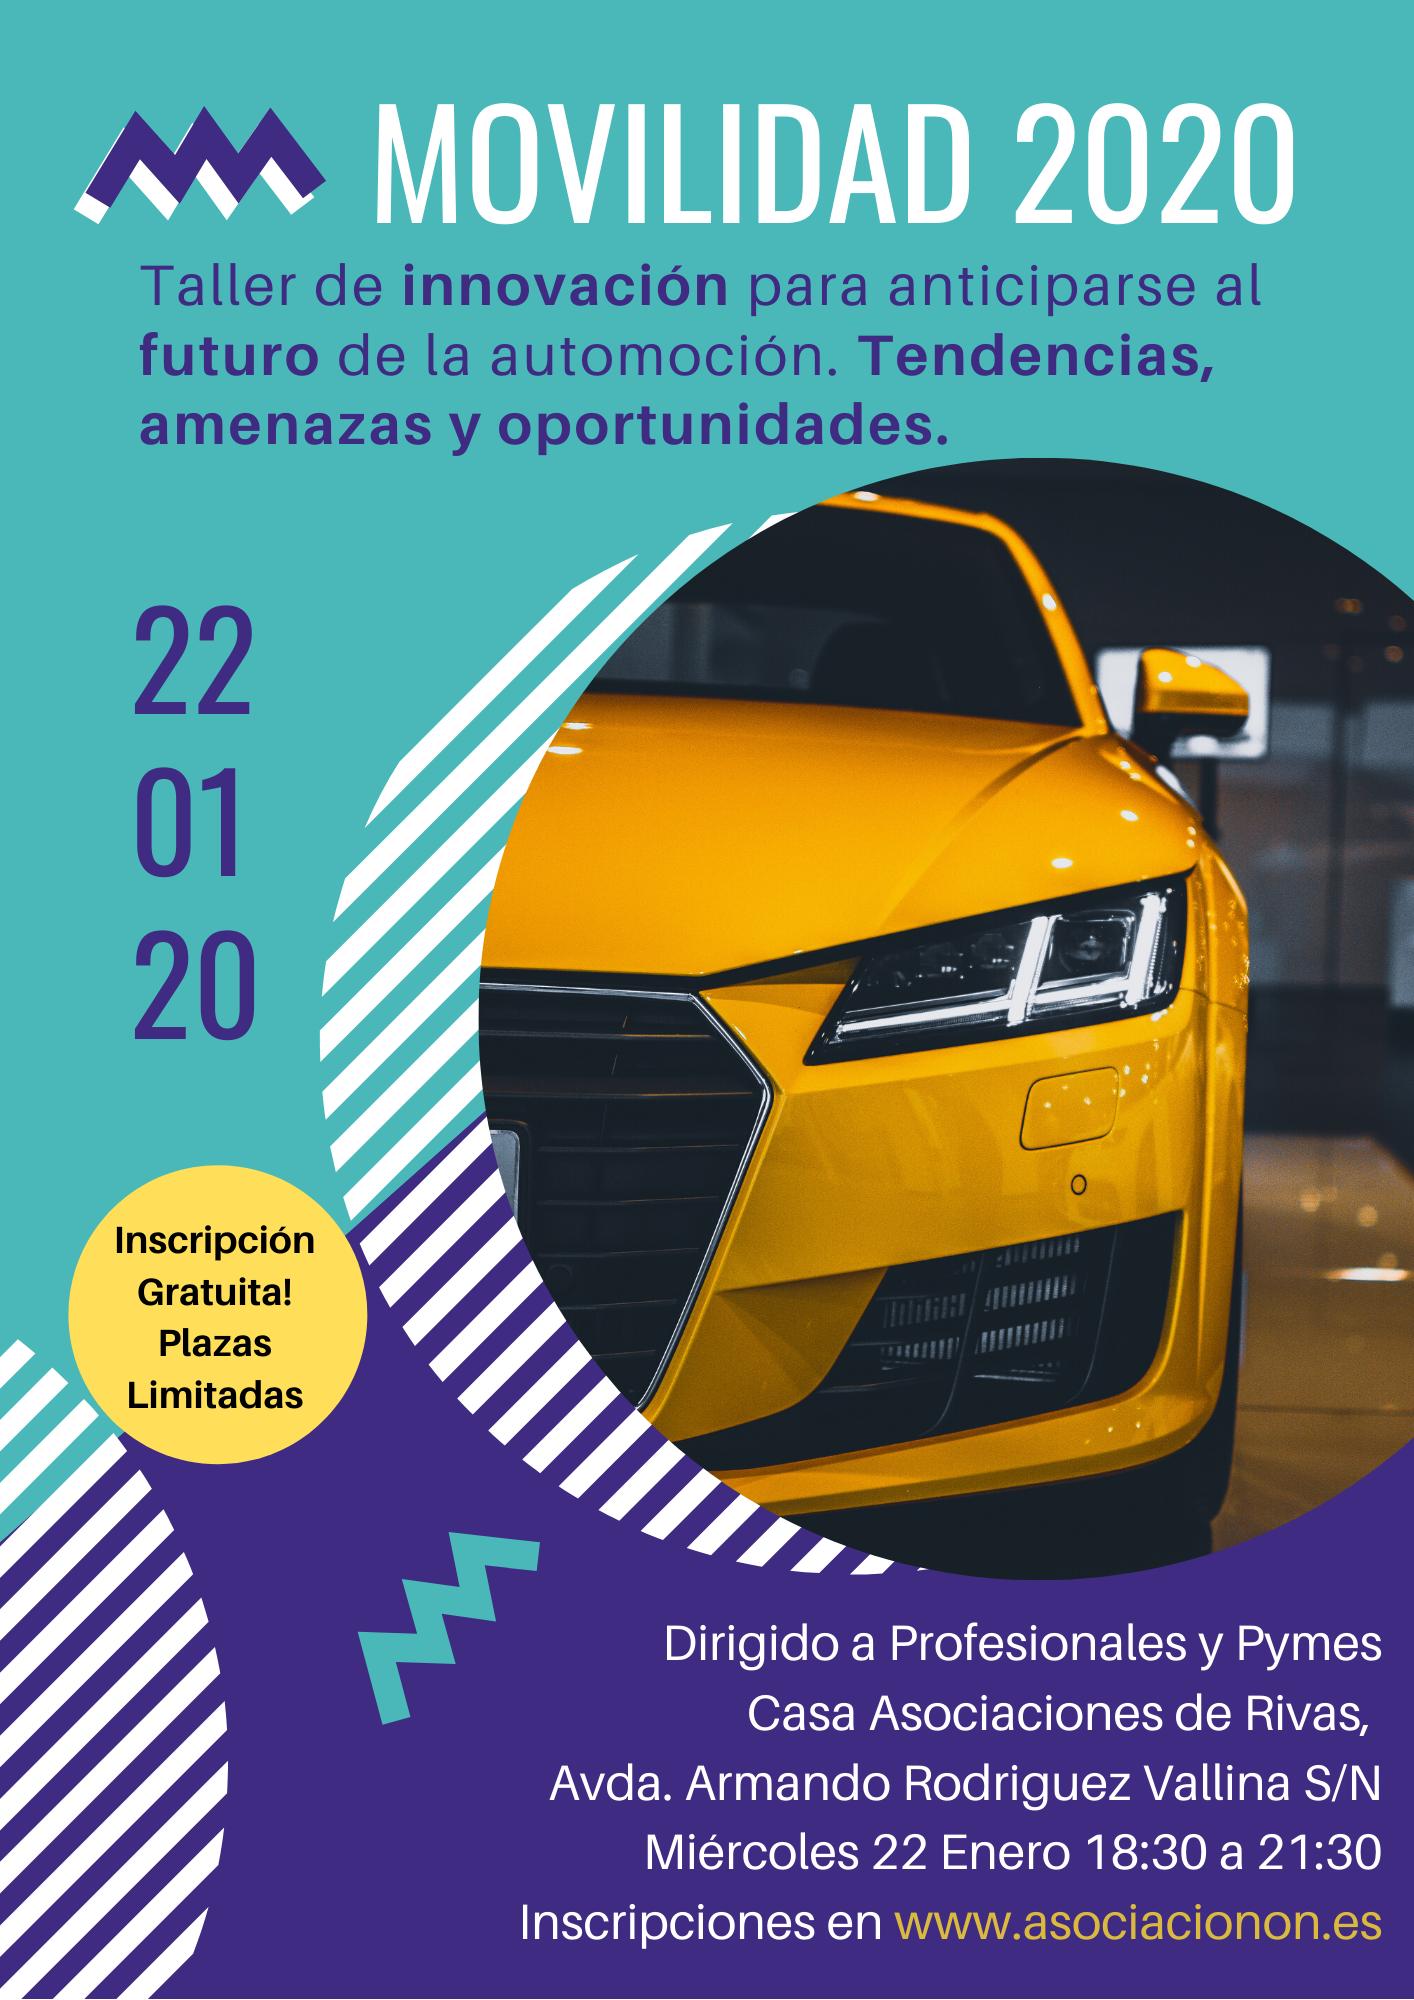 MOVILIDAD 2020. Taller de Innovación para anticiparse al Futuro de la Automoción. Tendencias, Amenazas y Oportunidades